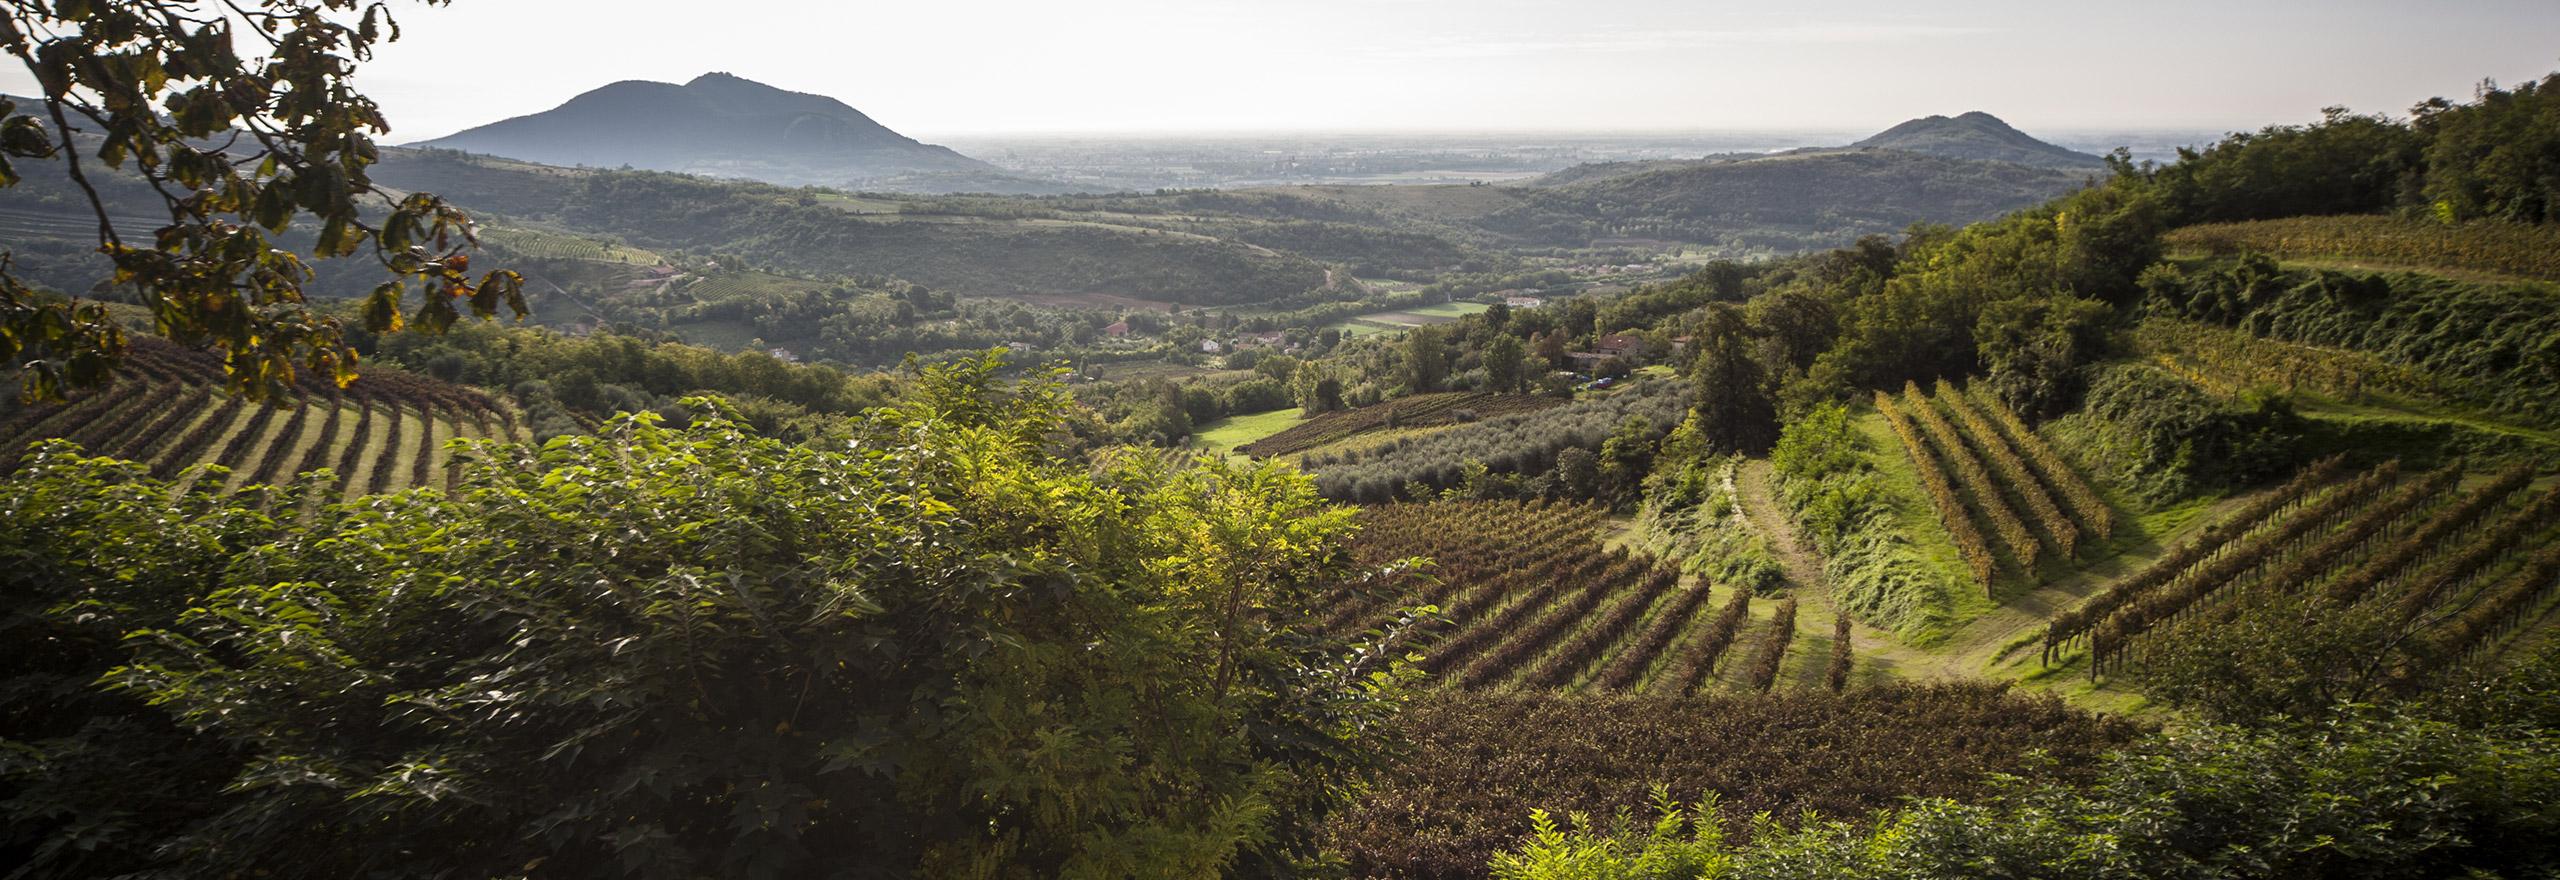 colli-euganei-baone-Azienda-Agricola-Le-Volpi